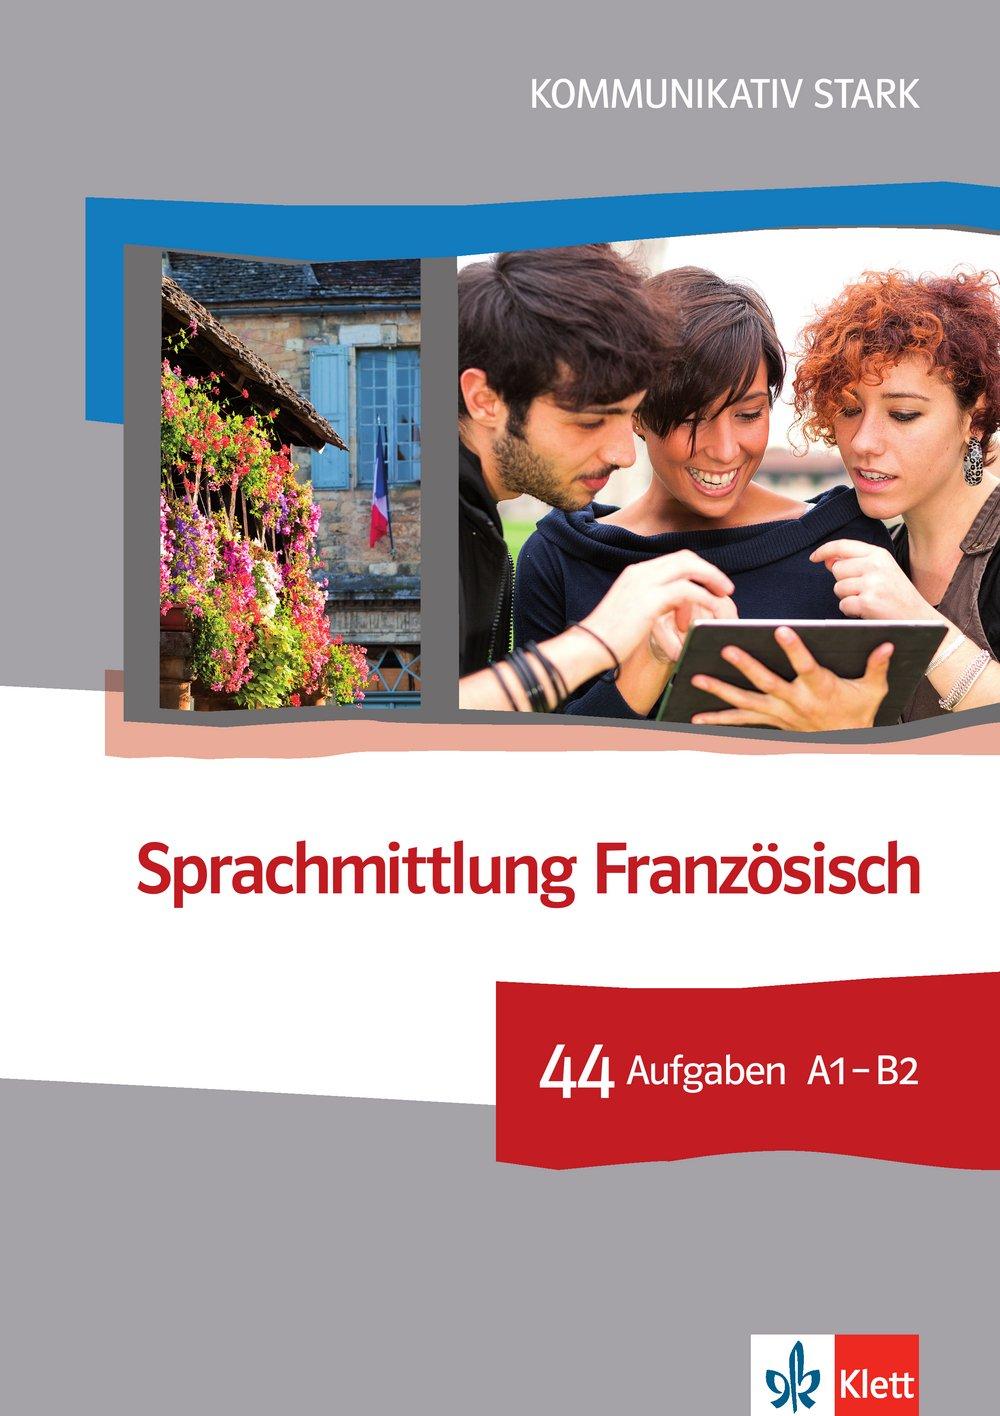 Sprachmittlung Französisch: 44 Aufgaben A1-B2. Buch + Online-Angebot